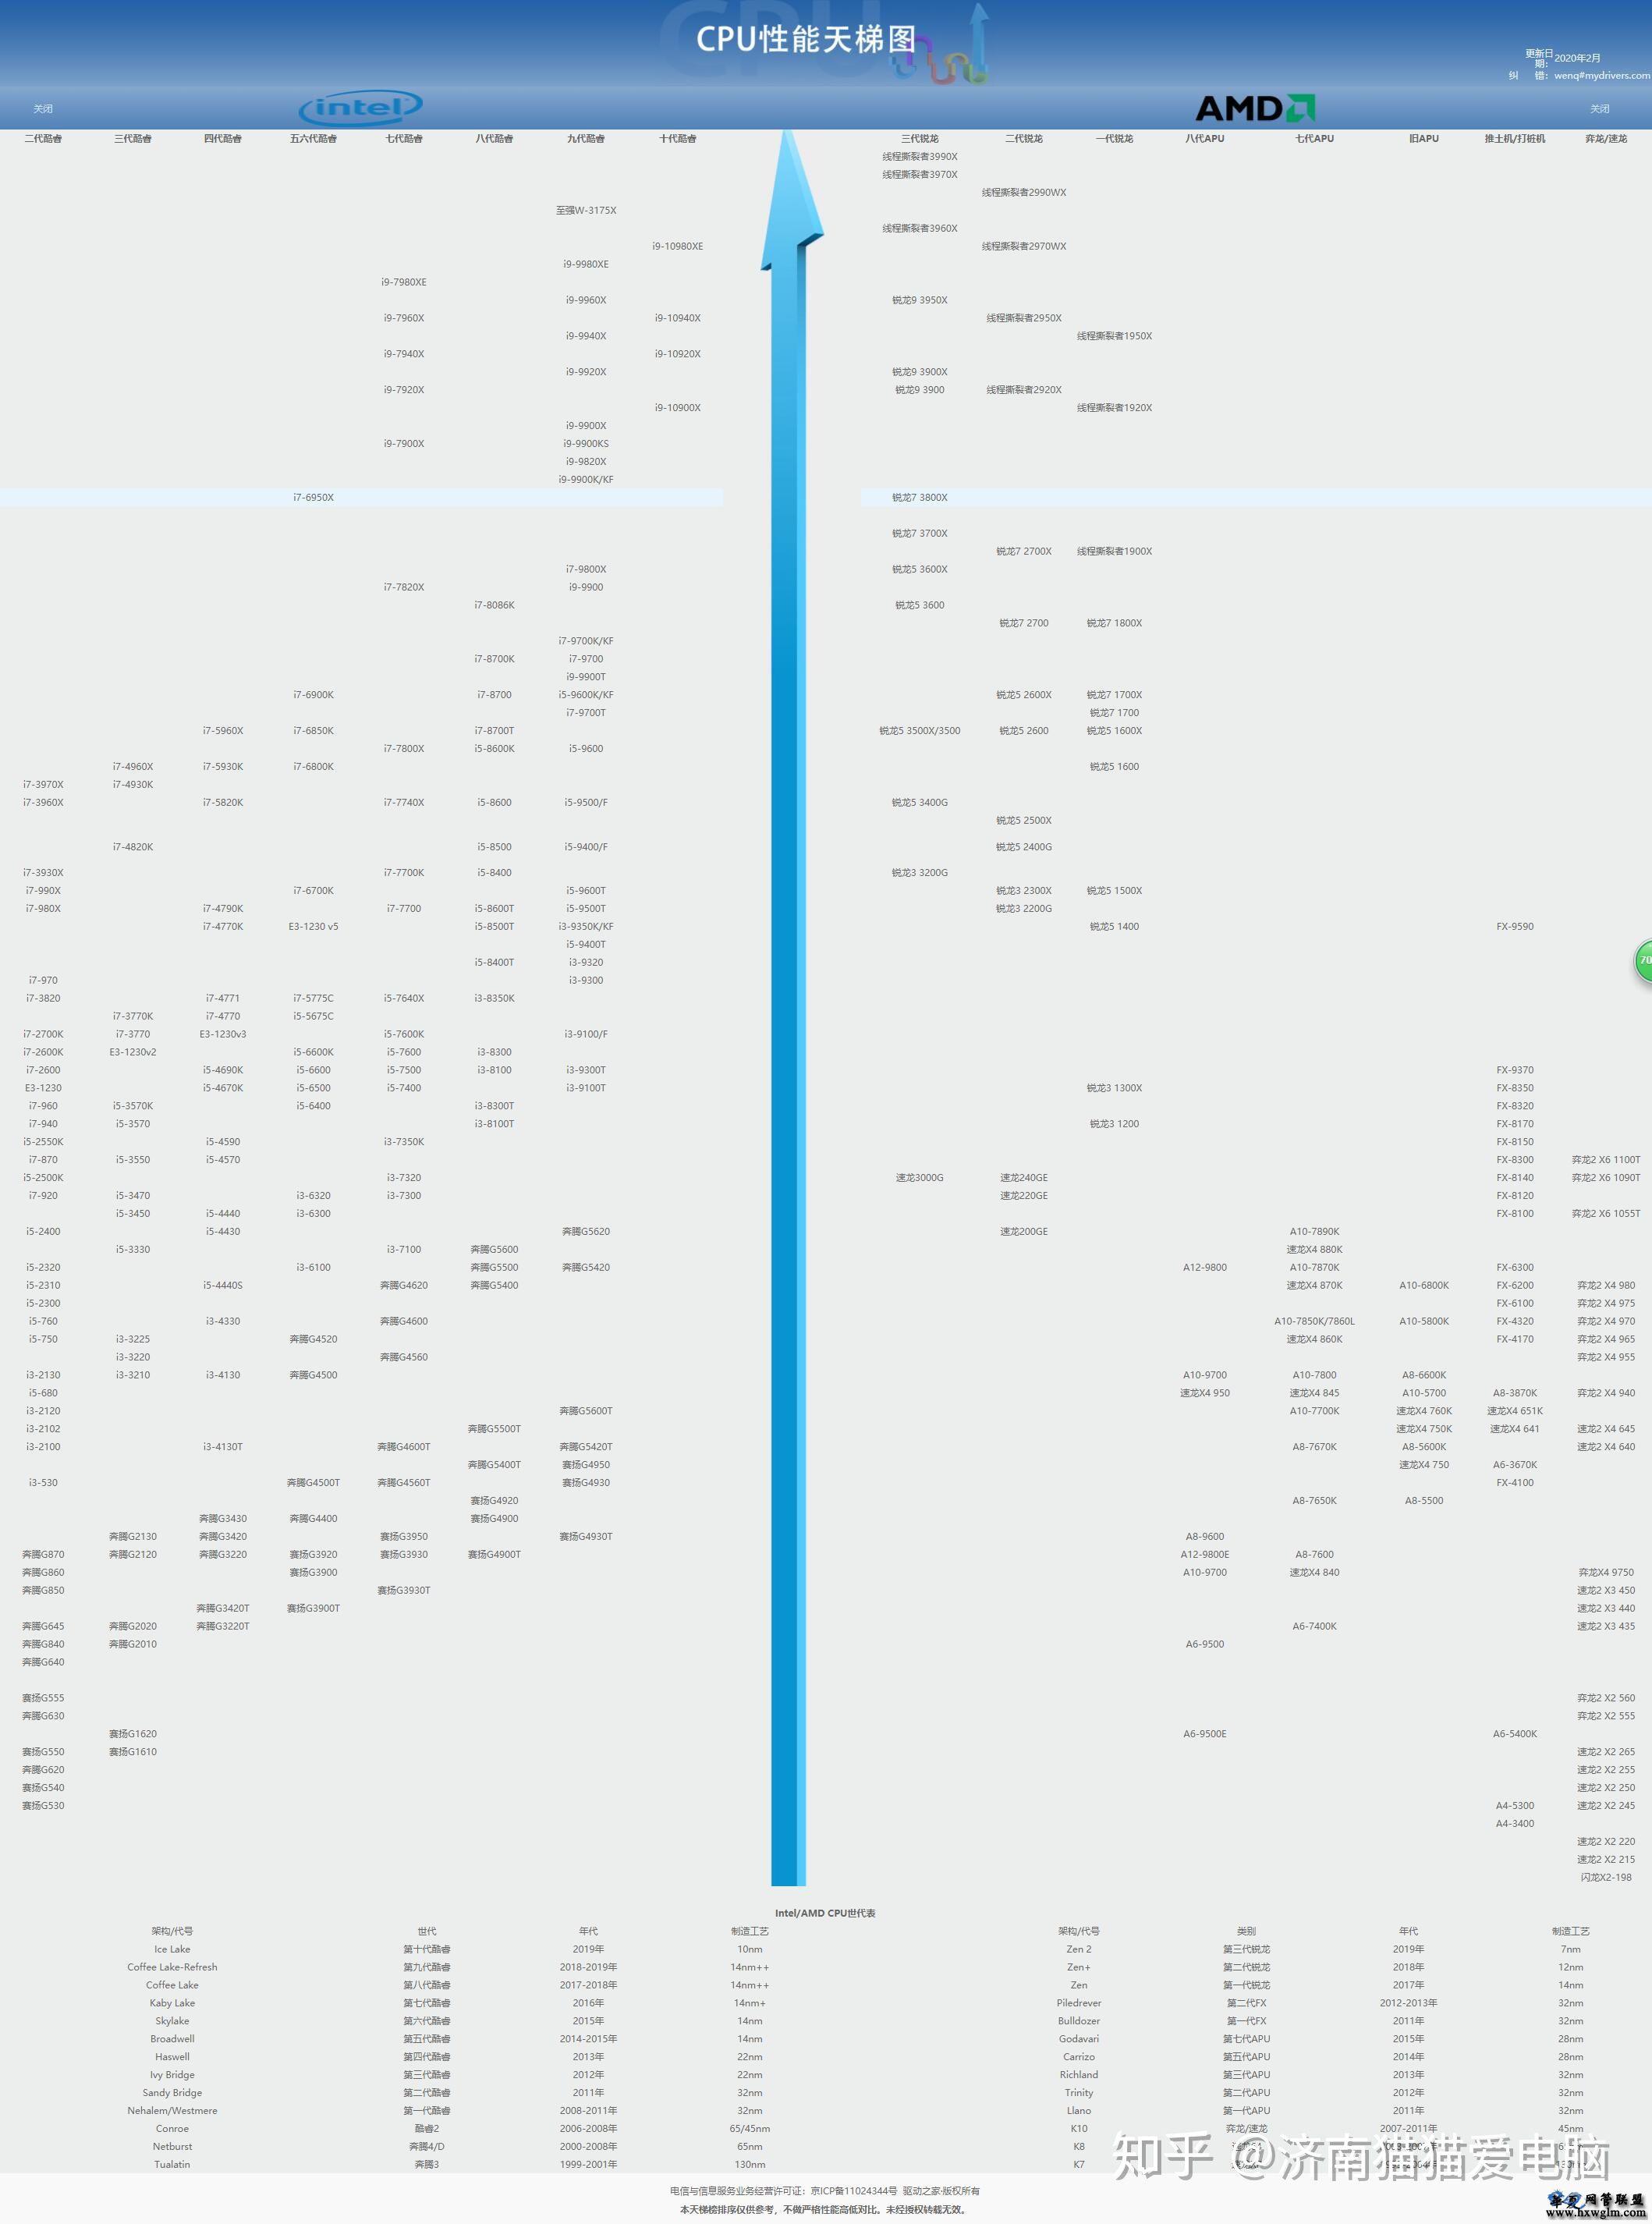 2020年4月最全的CPU和显卡天梯图合集,网吧配机看看